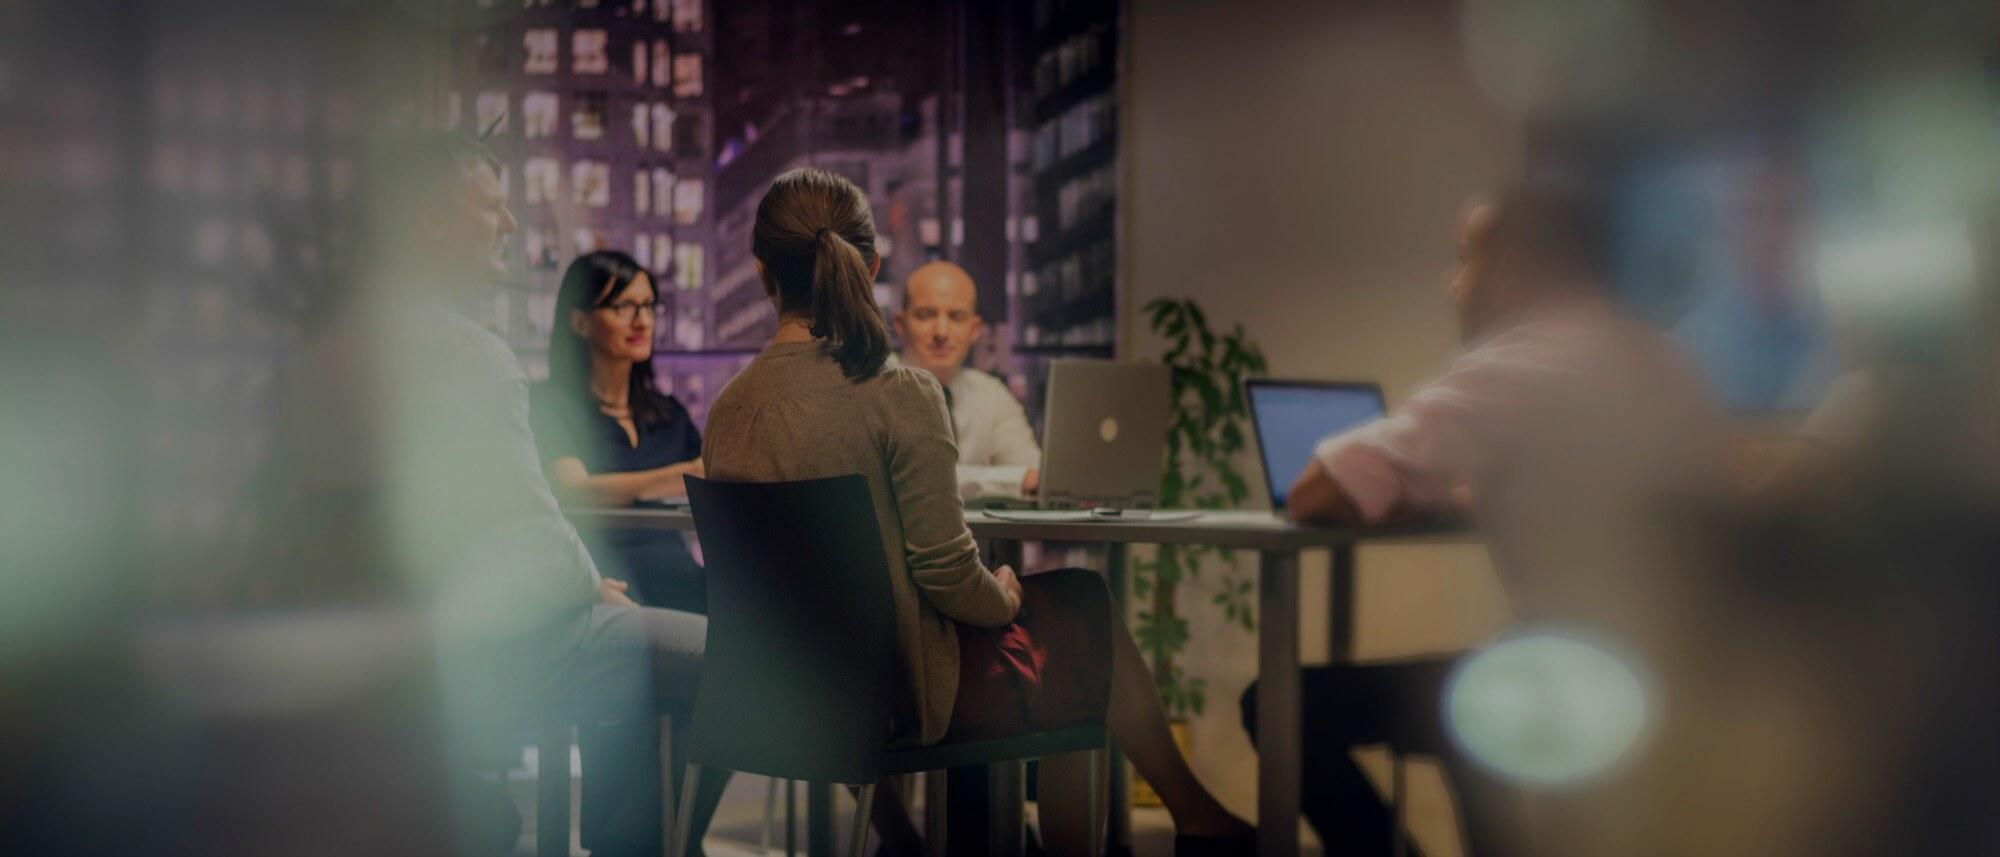 אנשי עסקים יושבים בשולחן